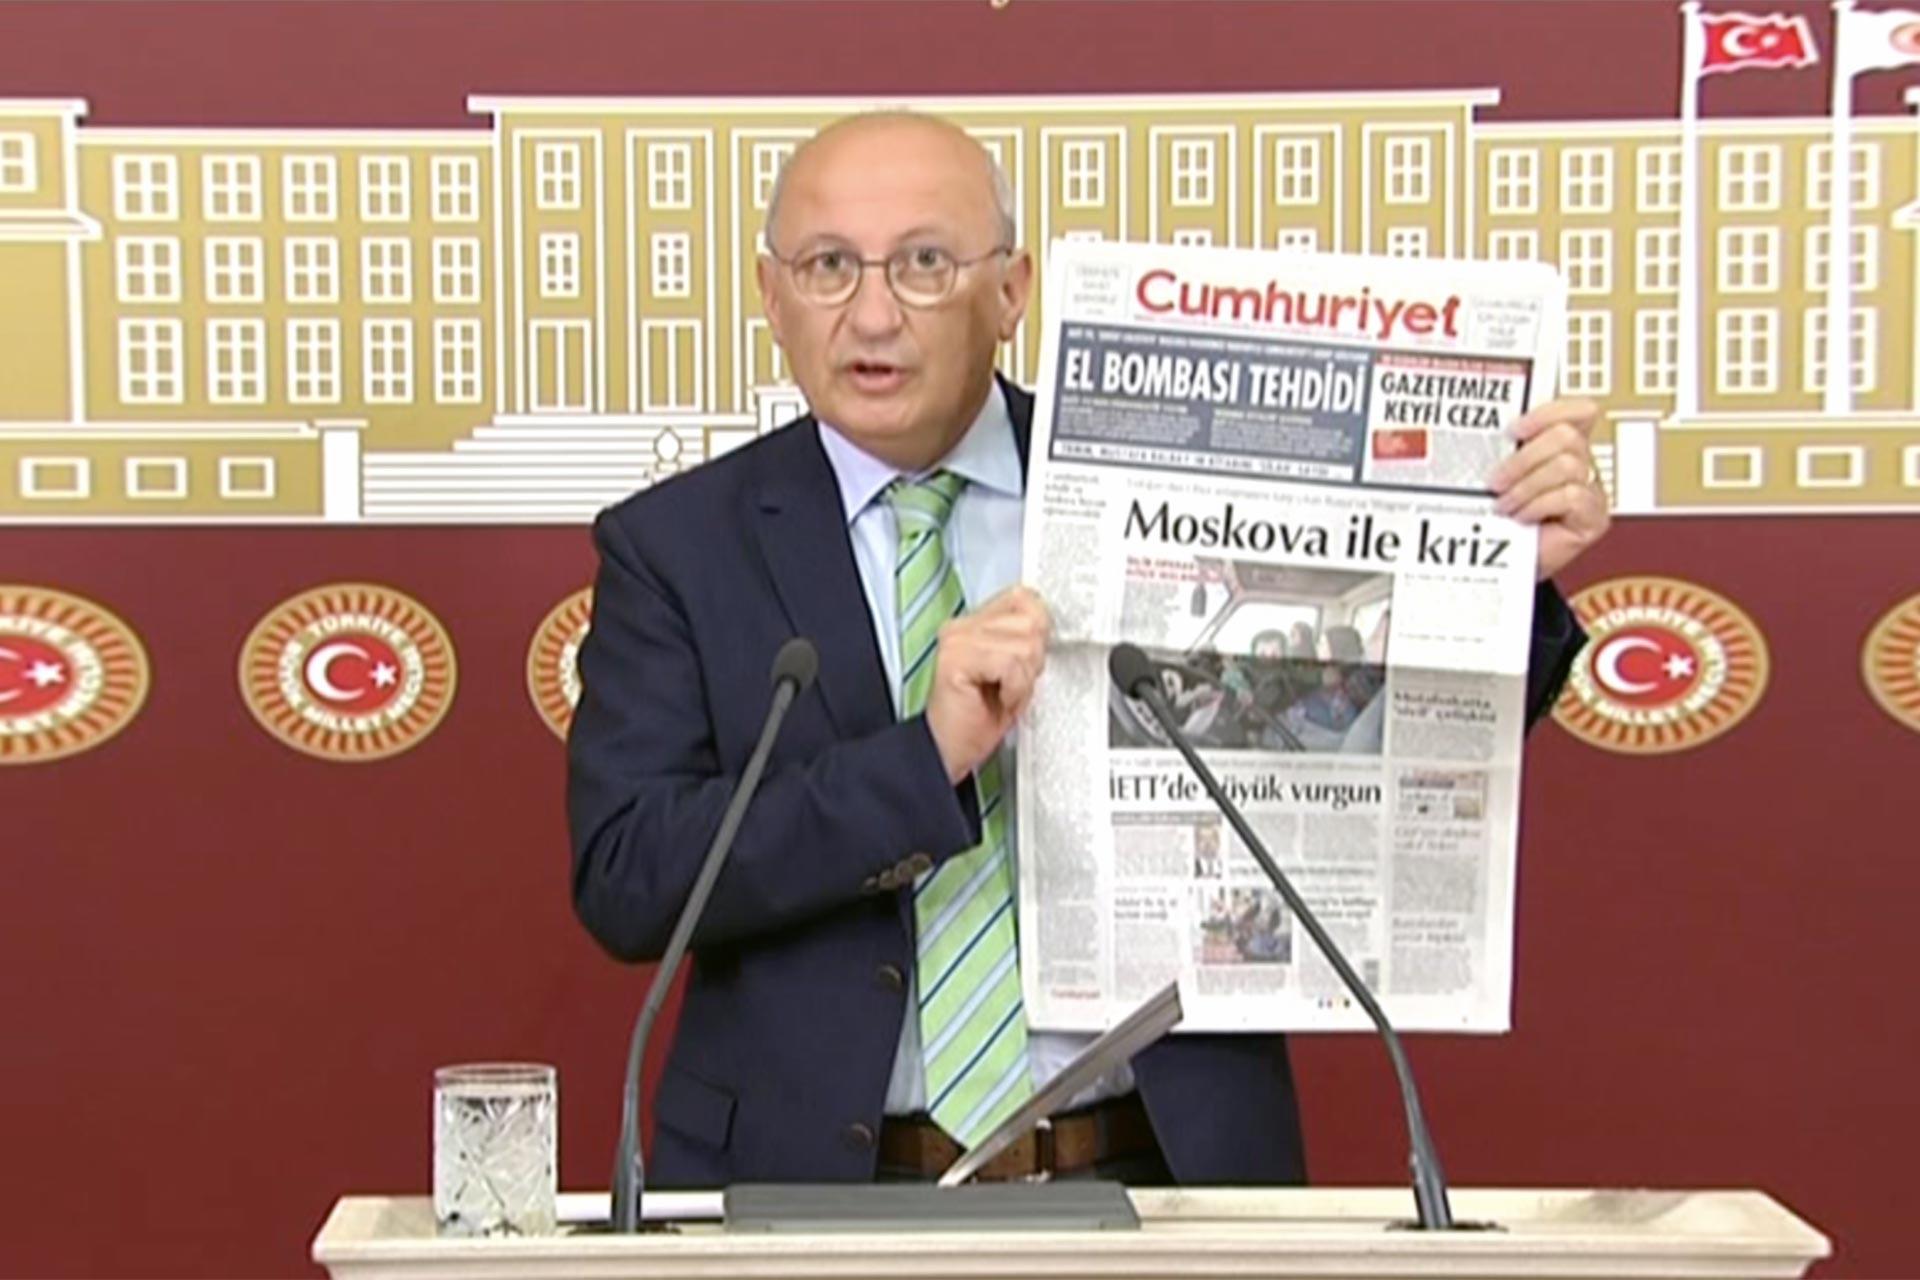 Utku Çakırözer Cumhuriyet'in hedef gösterilmesine ilişkin TBMM'de  basın toplantısı düzenlerken gazetenin nüshasını gazetecilere gösteriyor.